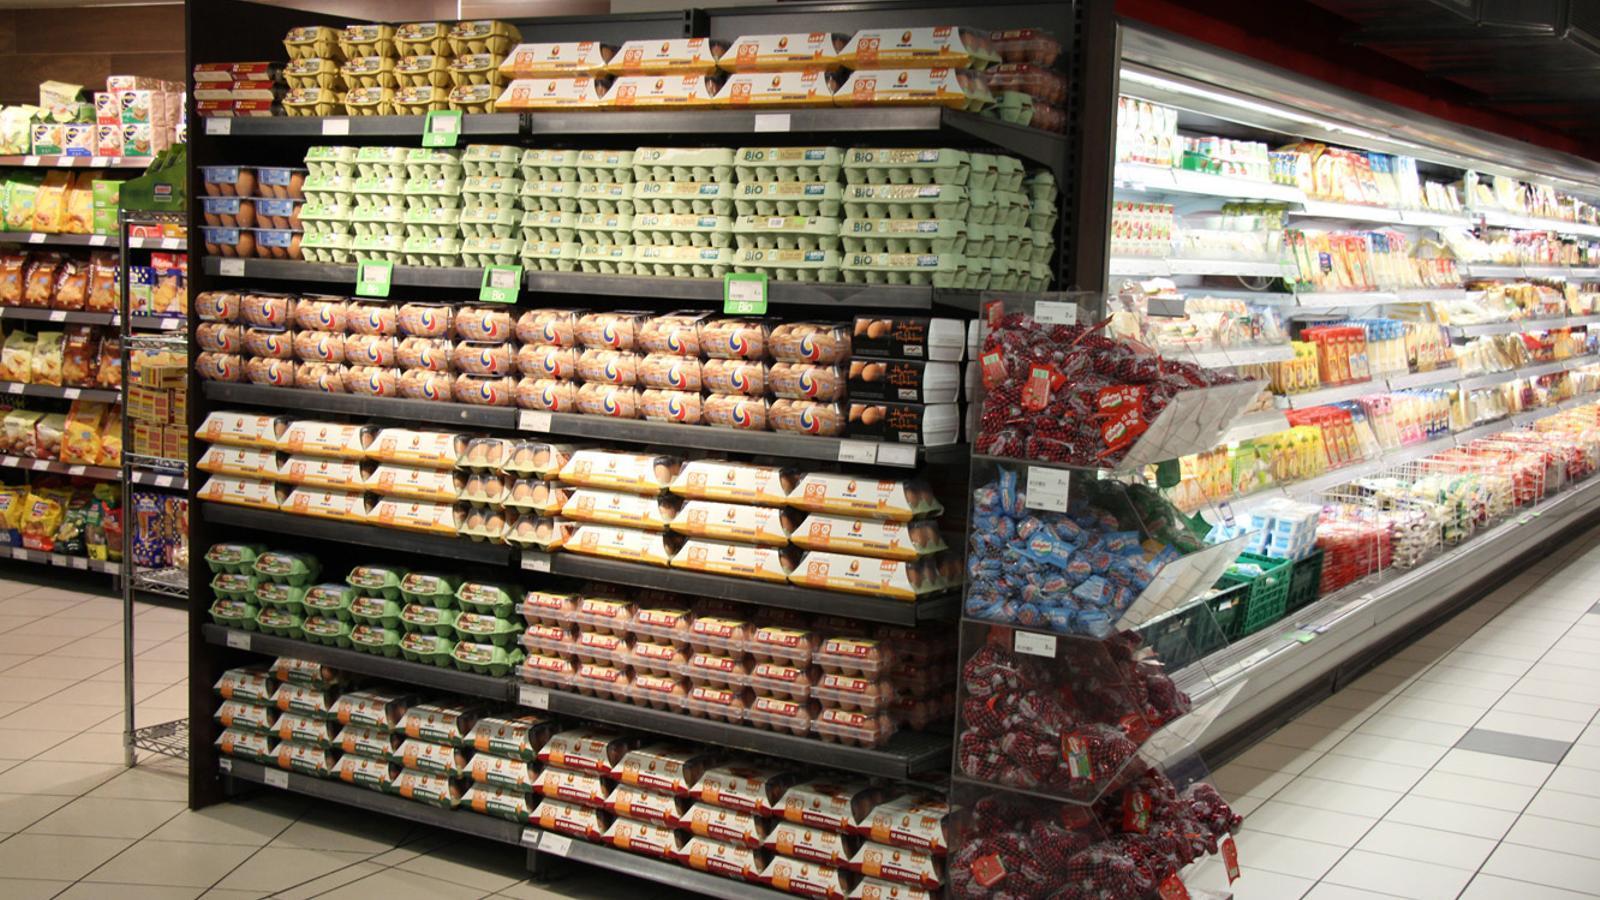 Productes alimentaris en un supermercat. / ARXIU ANA